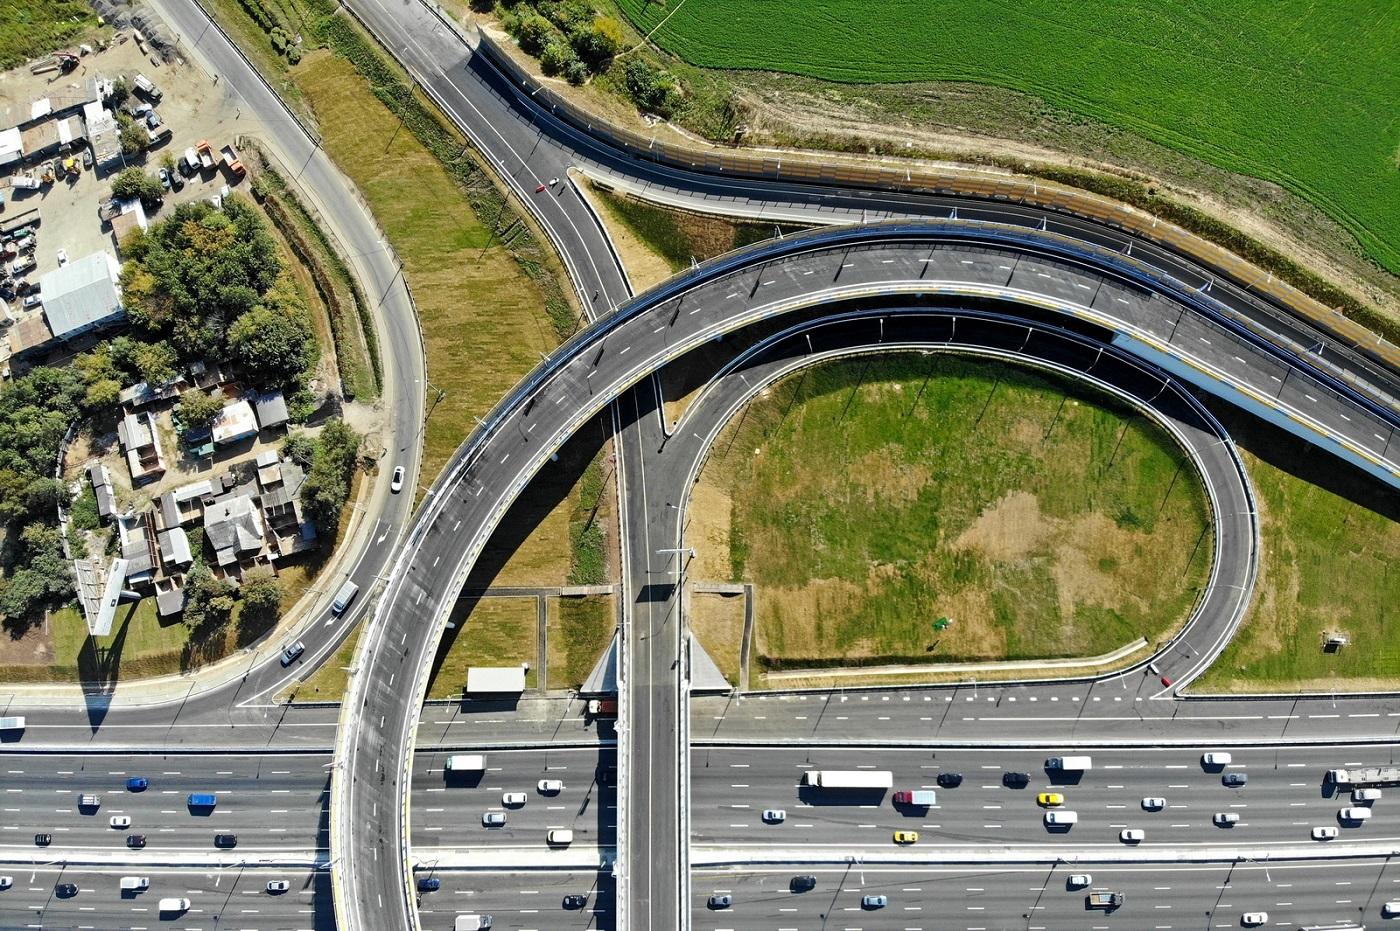 Запущено движение по обновленной транспортной развязке на пересечении Бесединского шоссе и МКАД